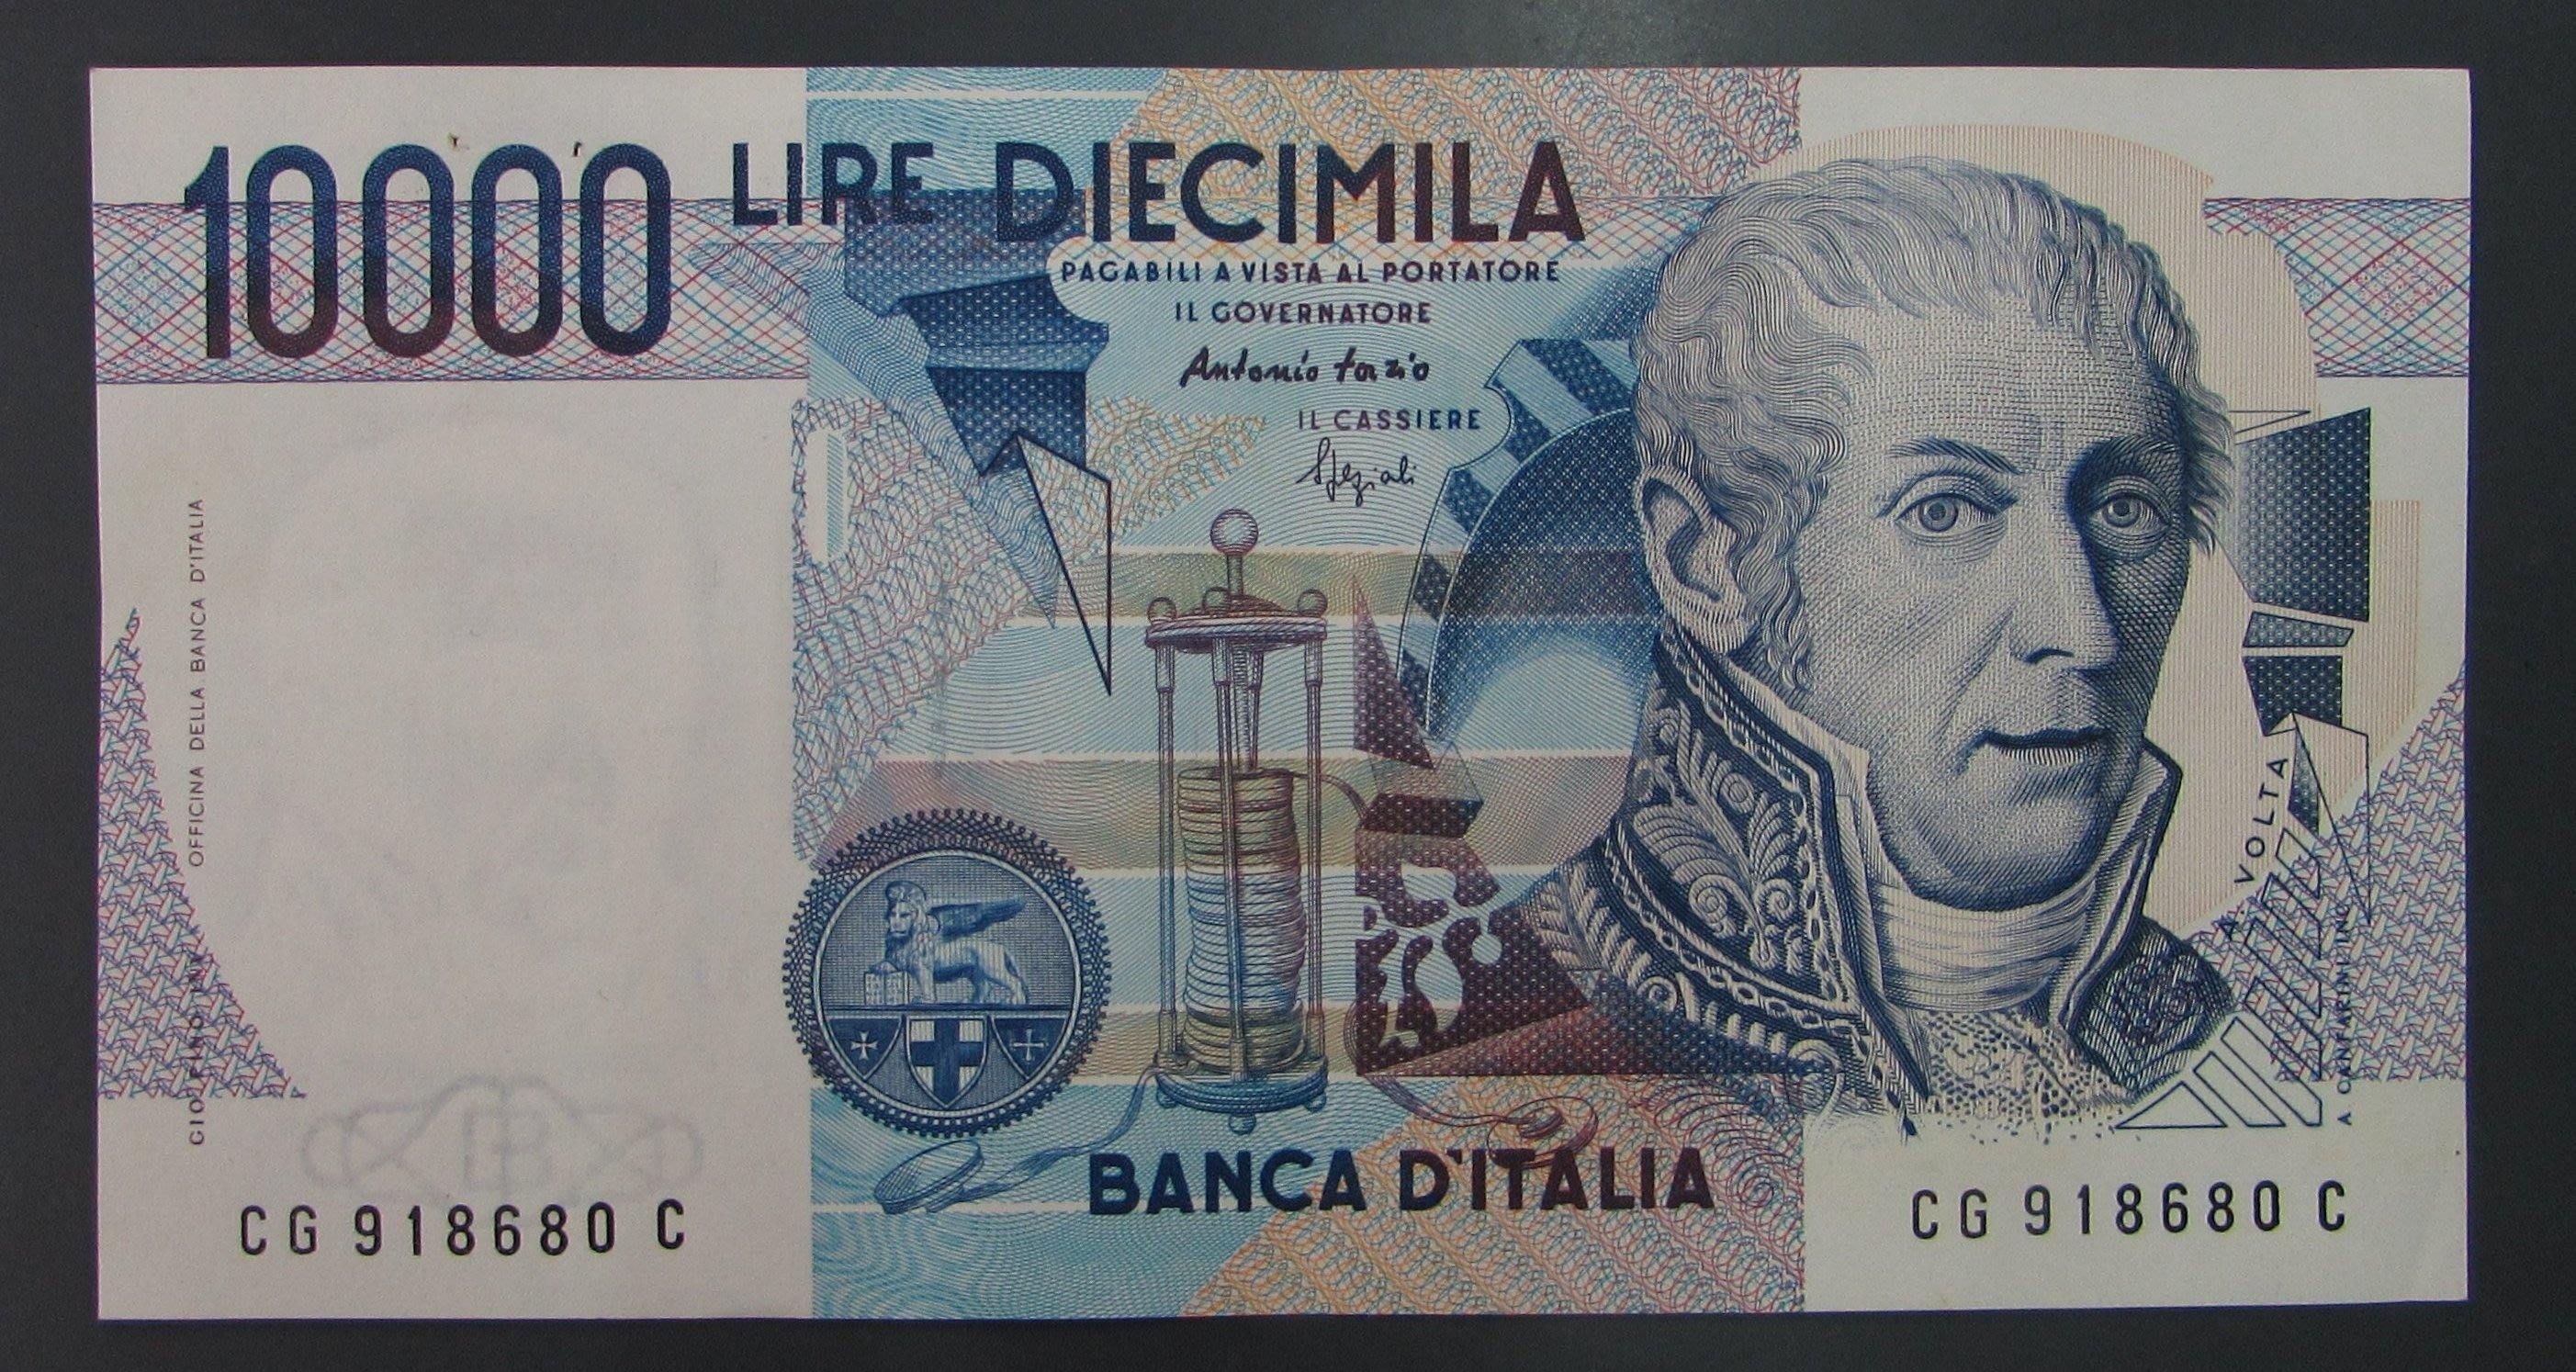 dp3312,義大利 10000 Lire 紙幣,中有摺,約 92%新。